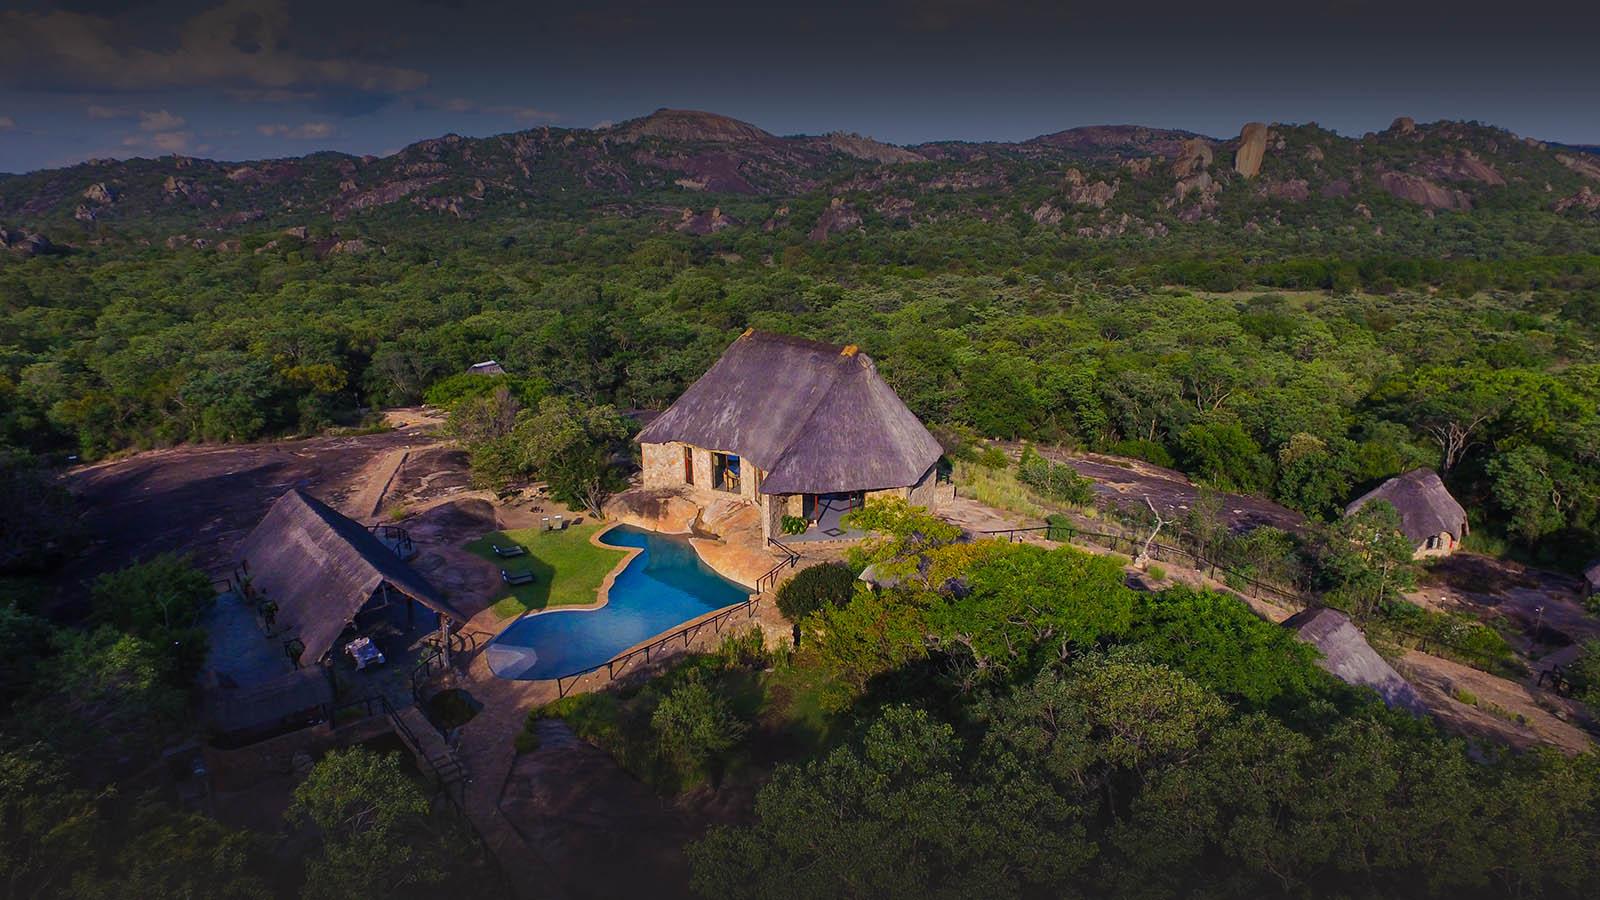 matobo hills lodge-zimbabwe-lodges-accommodation-matopos-matobo-national-park-aerial